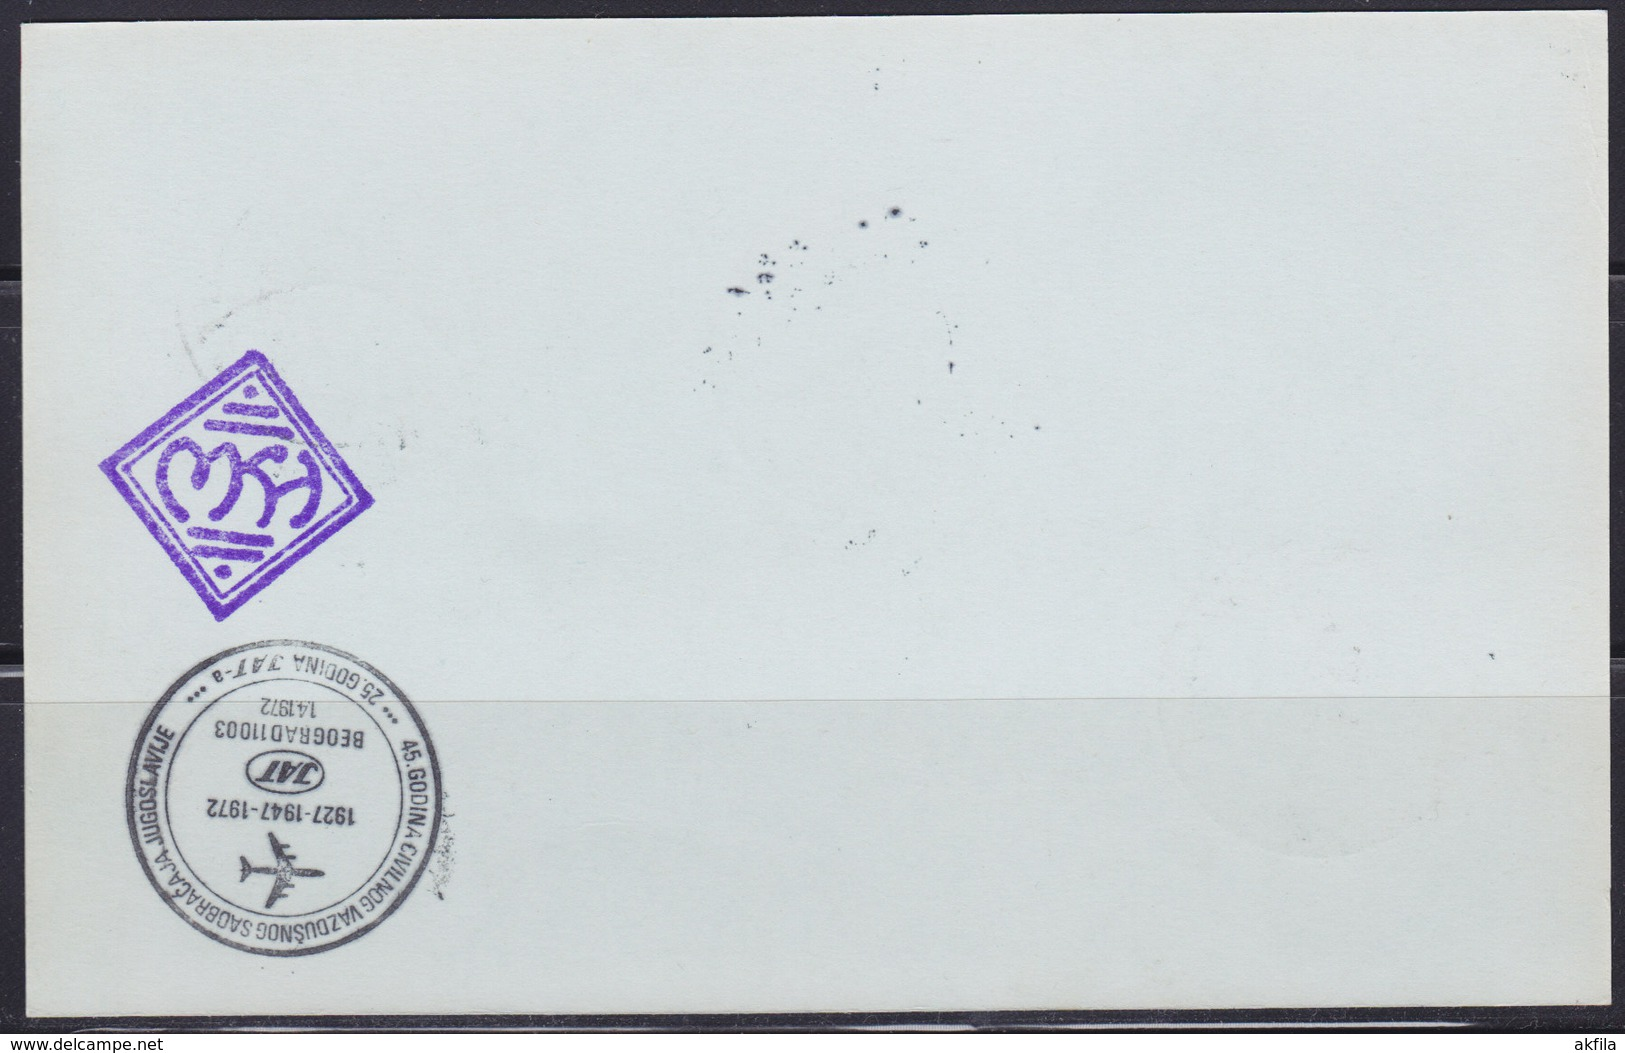 Yugoslavia 1972 Yugoslav Airlines (JAT) - 25th Anniversary, Airmail Card - Luftpost